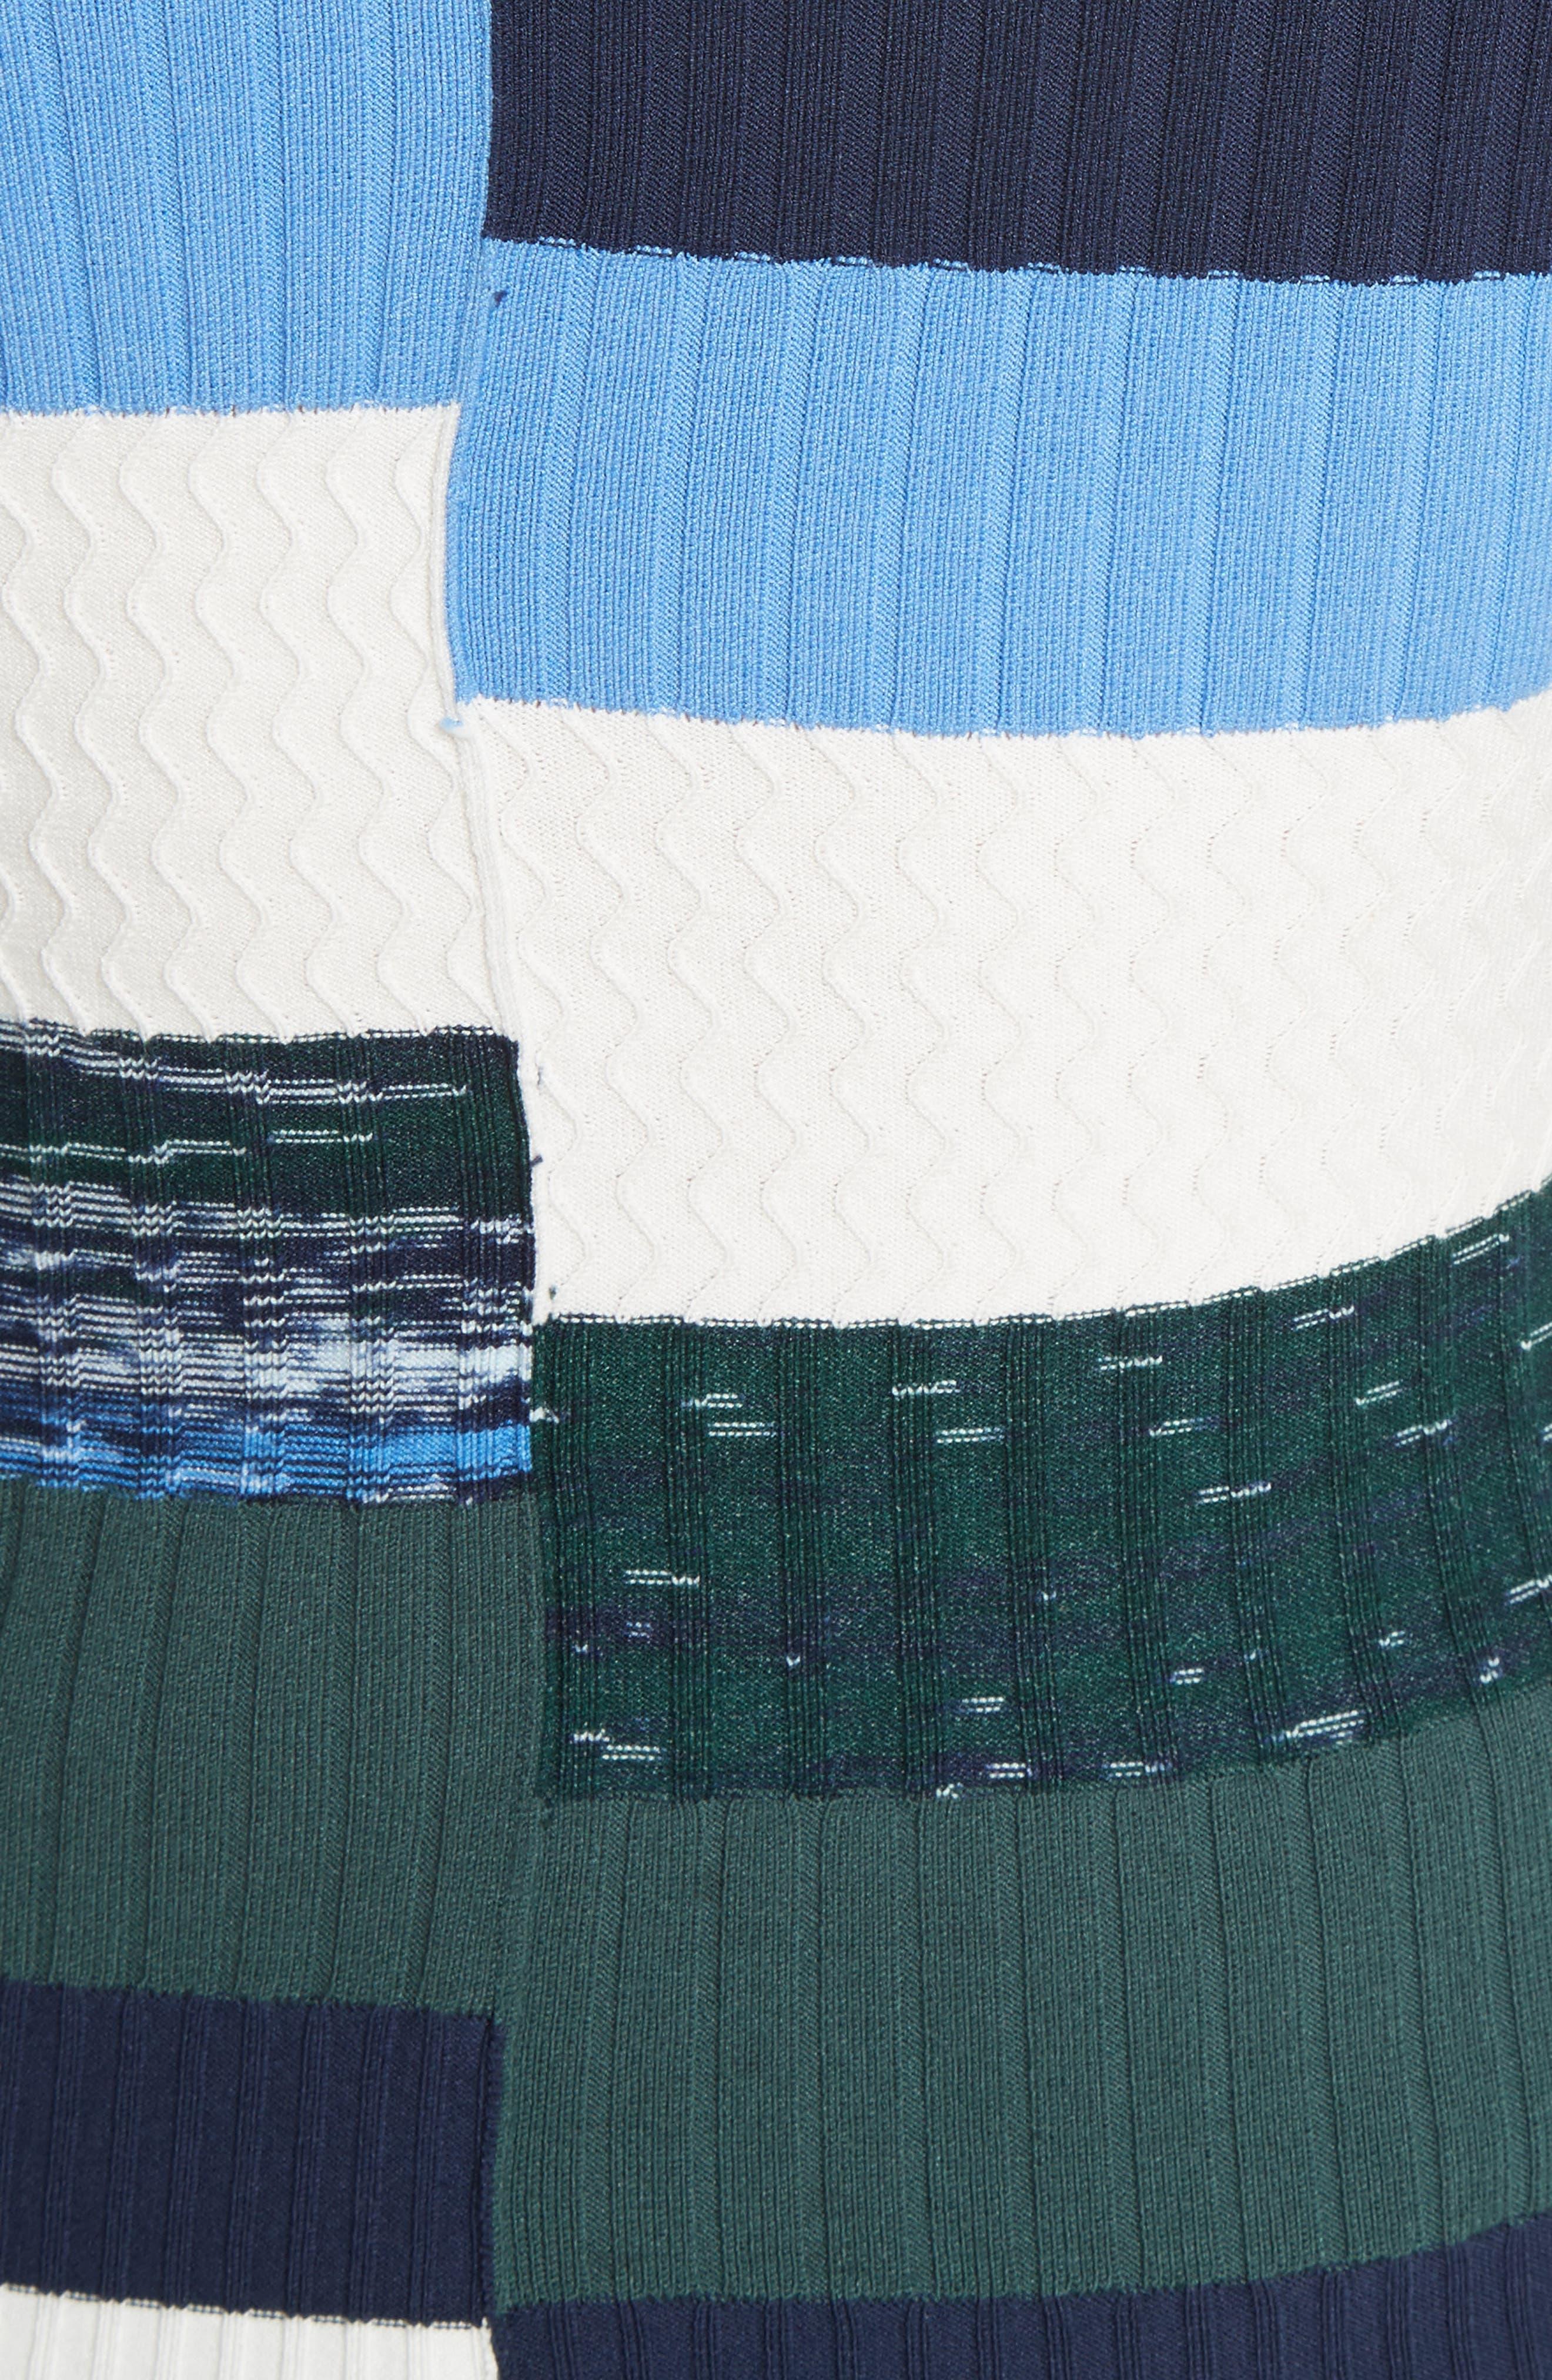 Space Dye Stripe Top,                             Alternate thumbnail 5, color,                             460